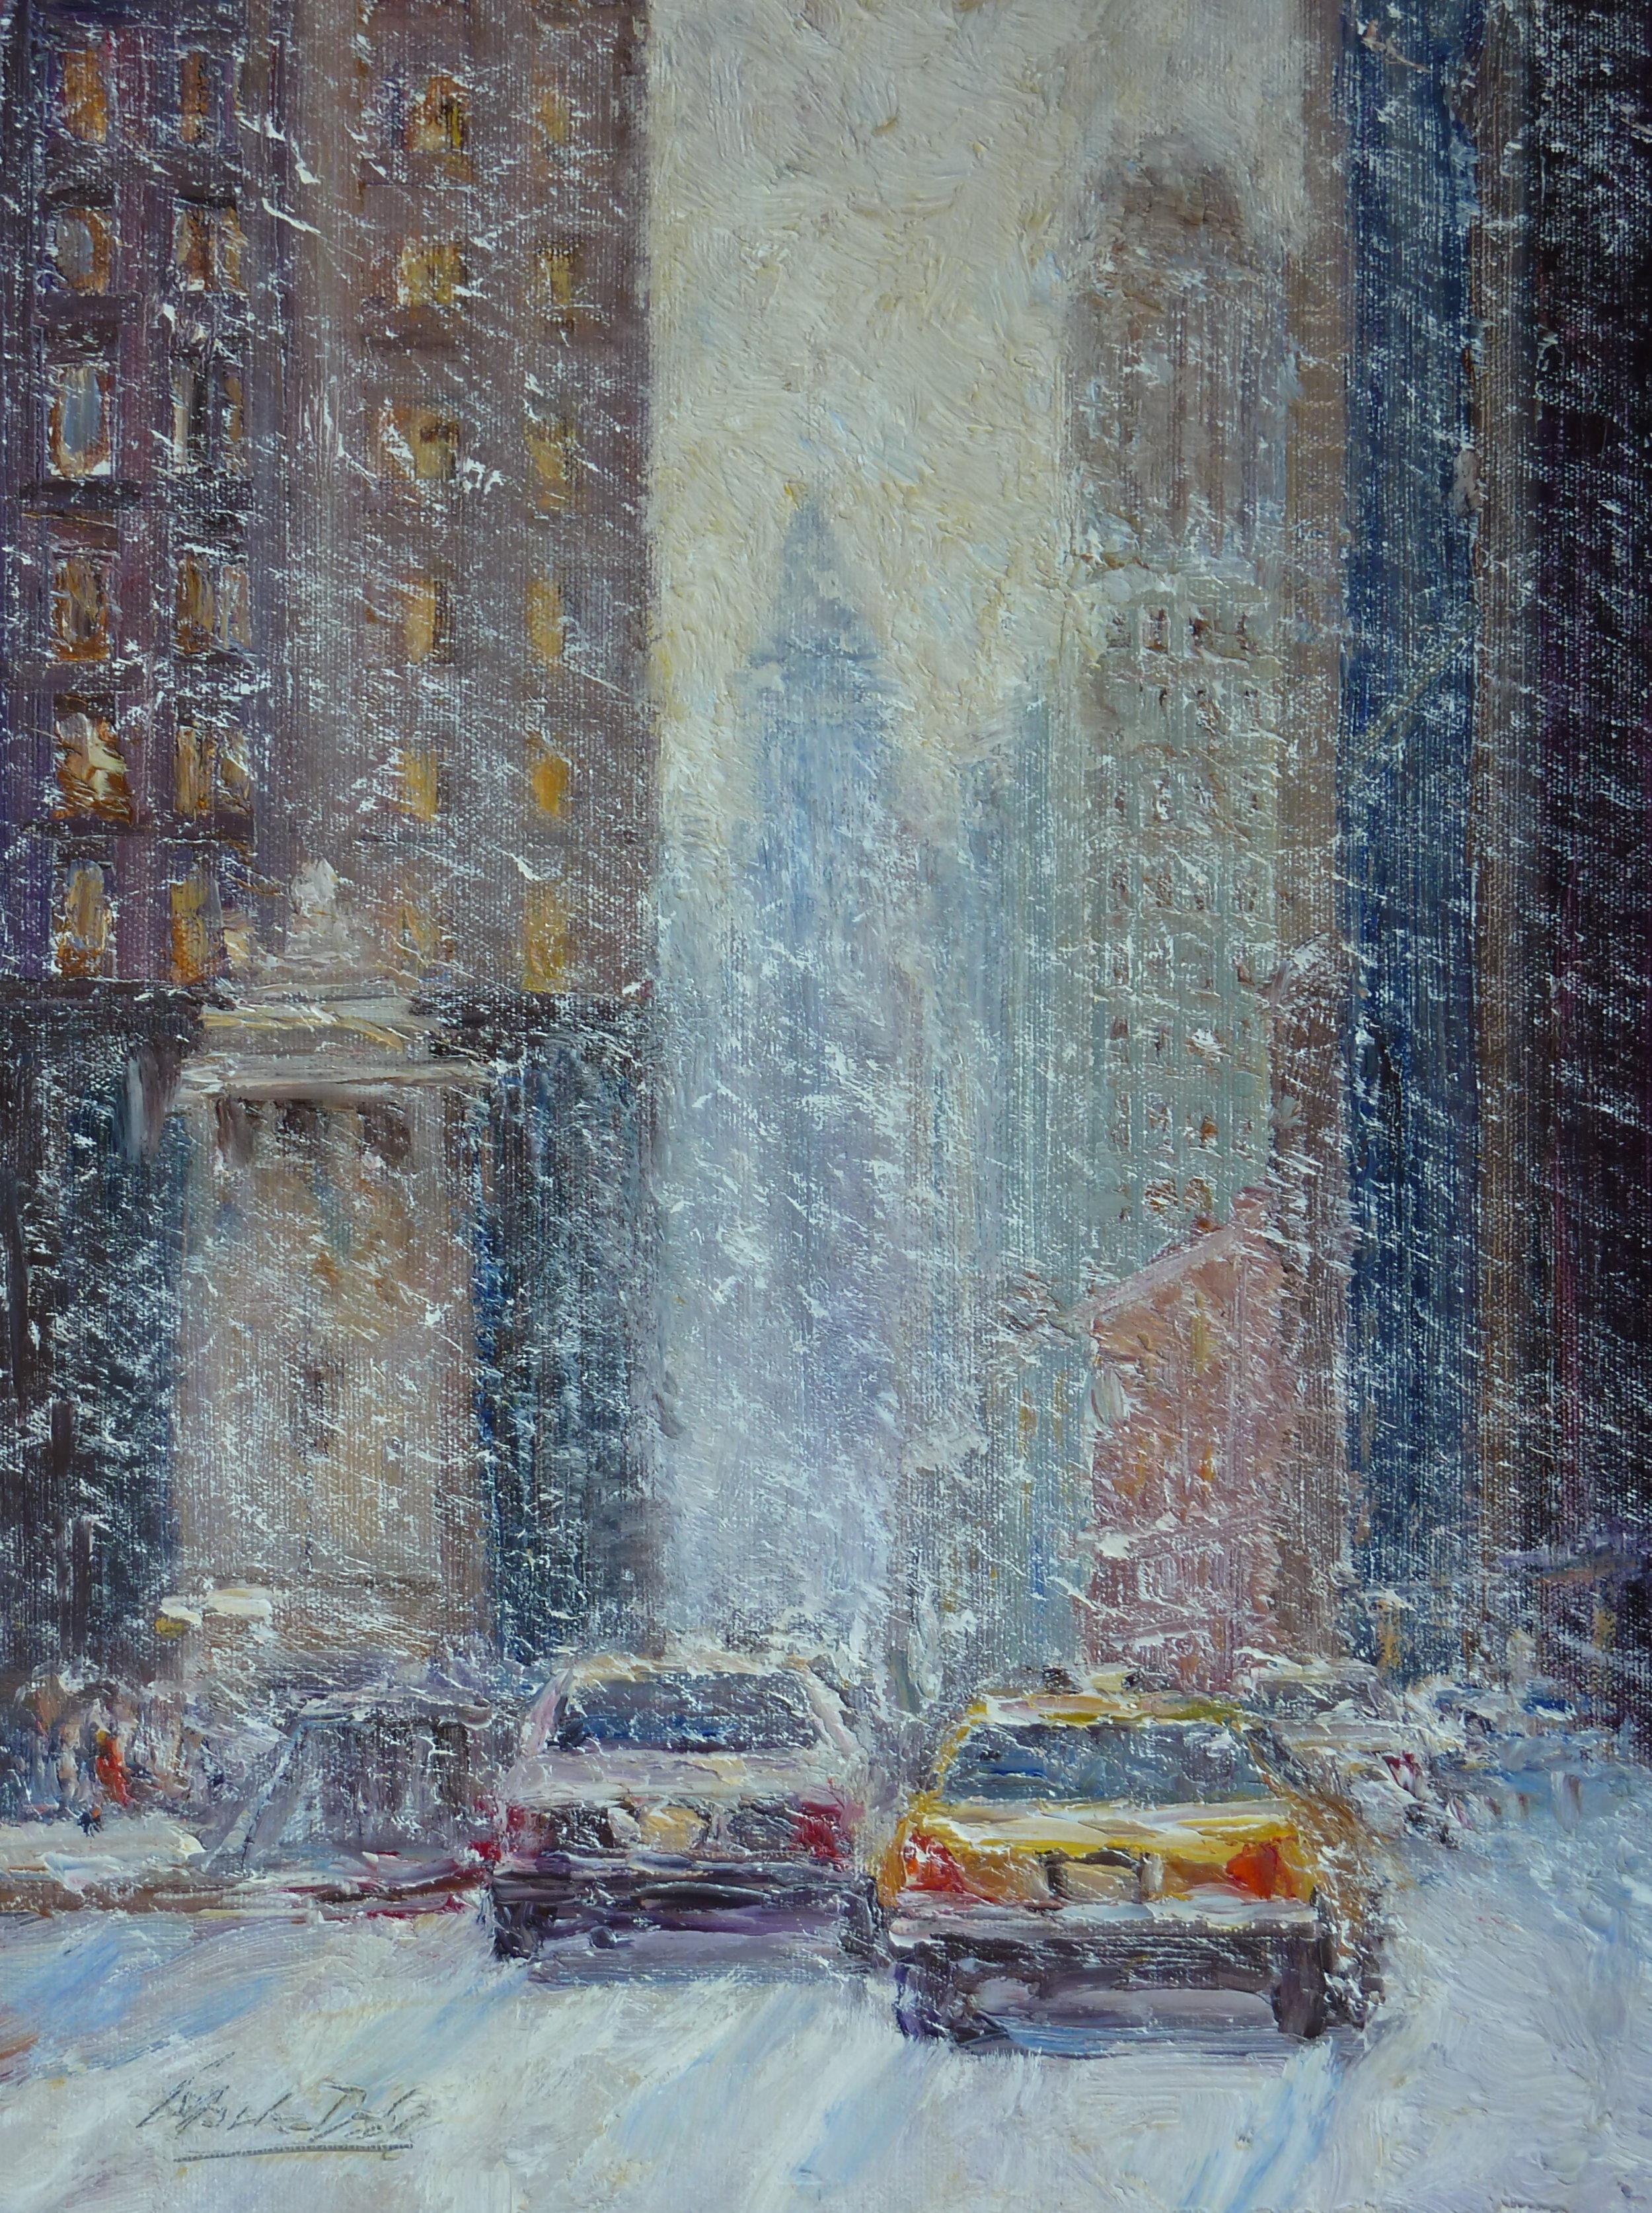 Michigan Avenue in Snow